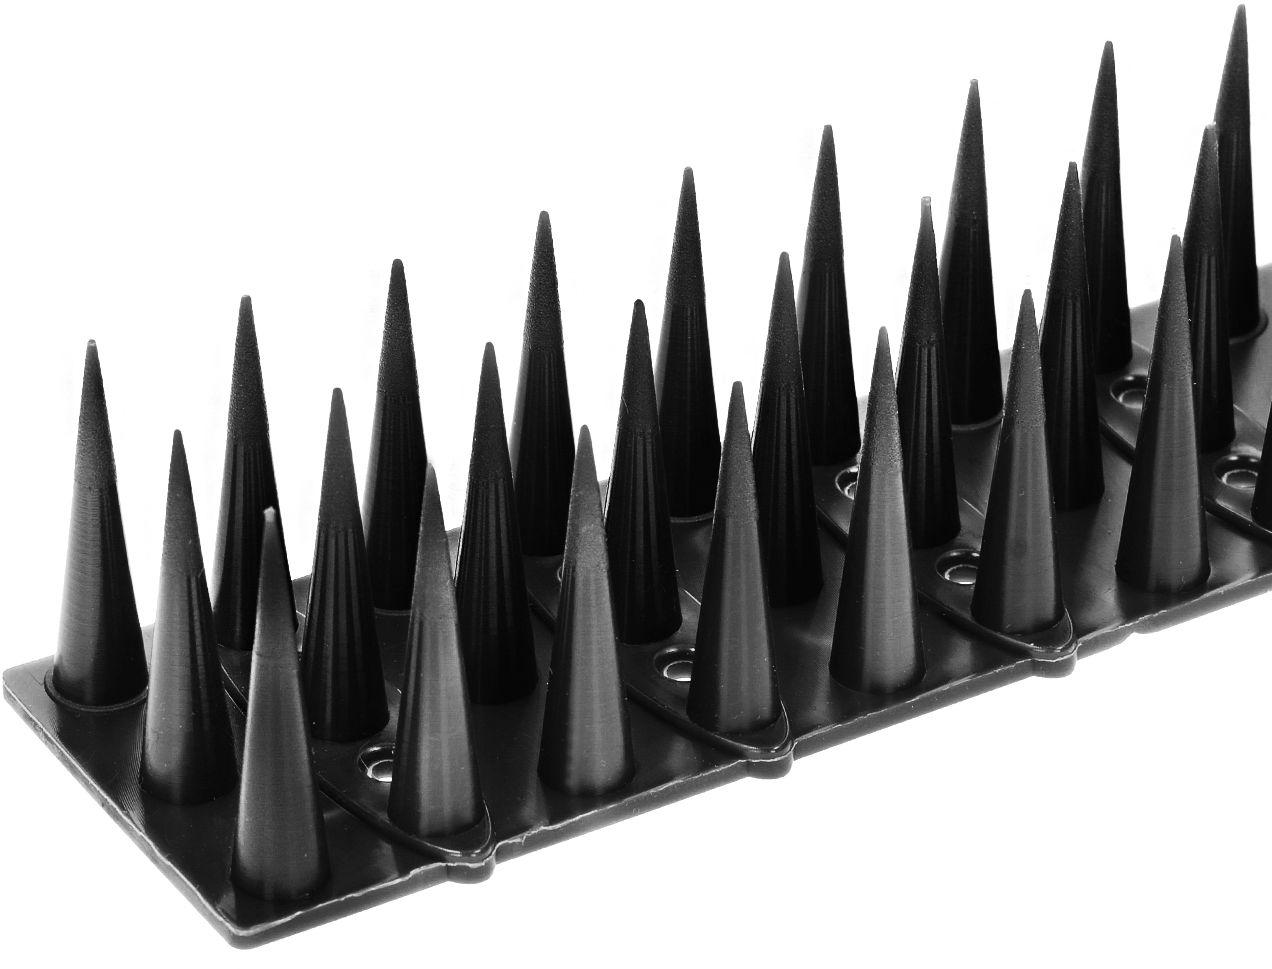 Plastikowe kolce na ptaki. Listwa z kolcami przeciw ptakom czarna.